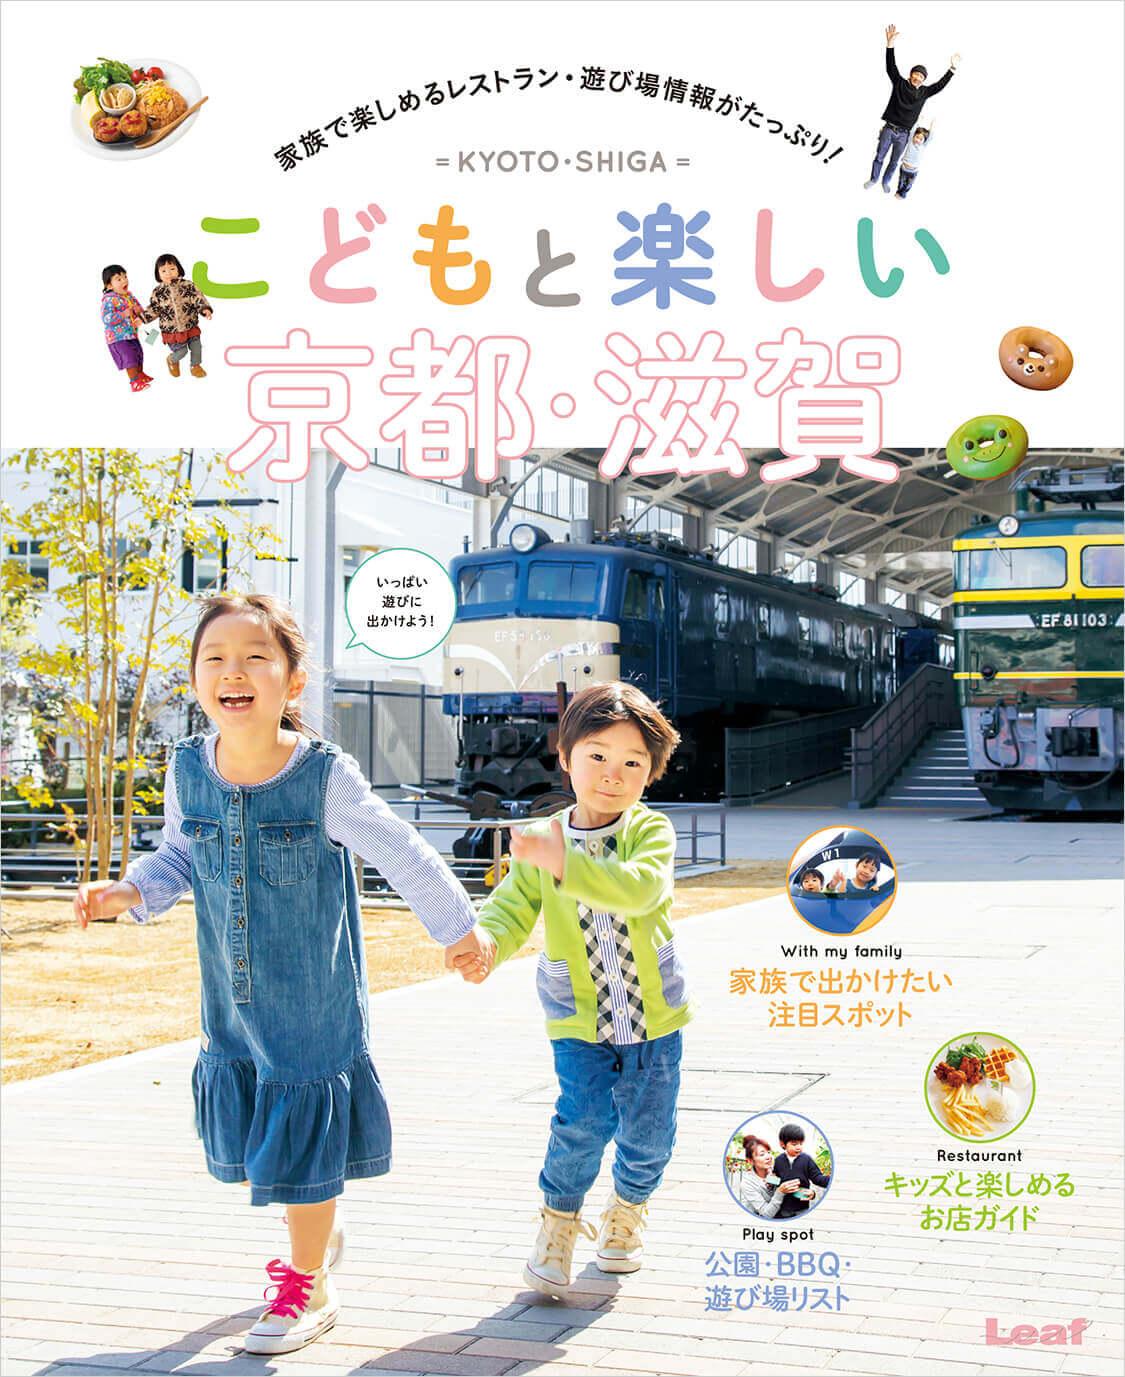 LeafMOOK 【書籍】こどもと楽しい京都・滋賀